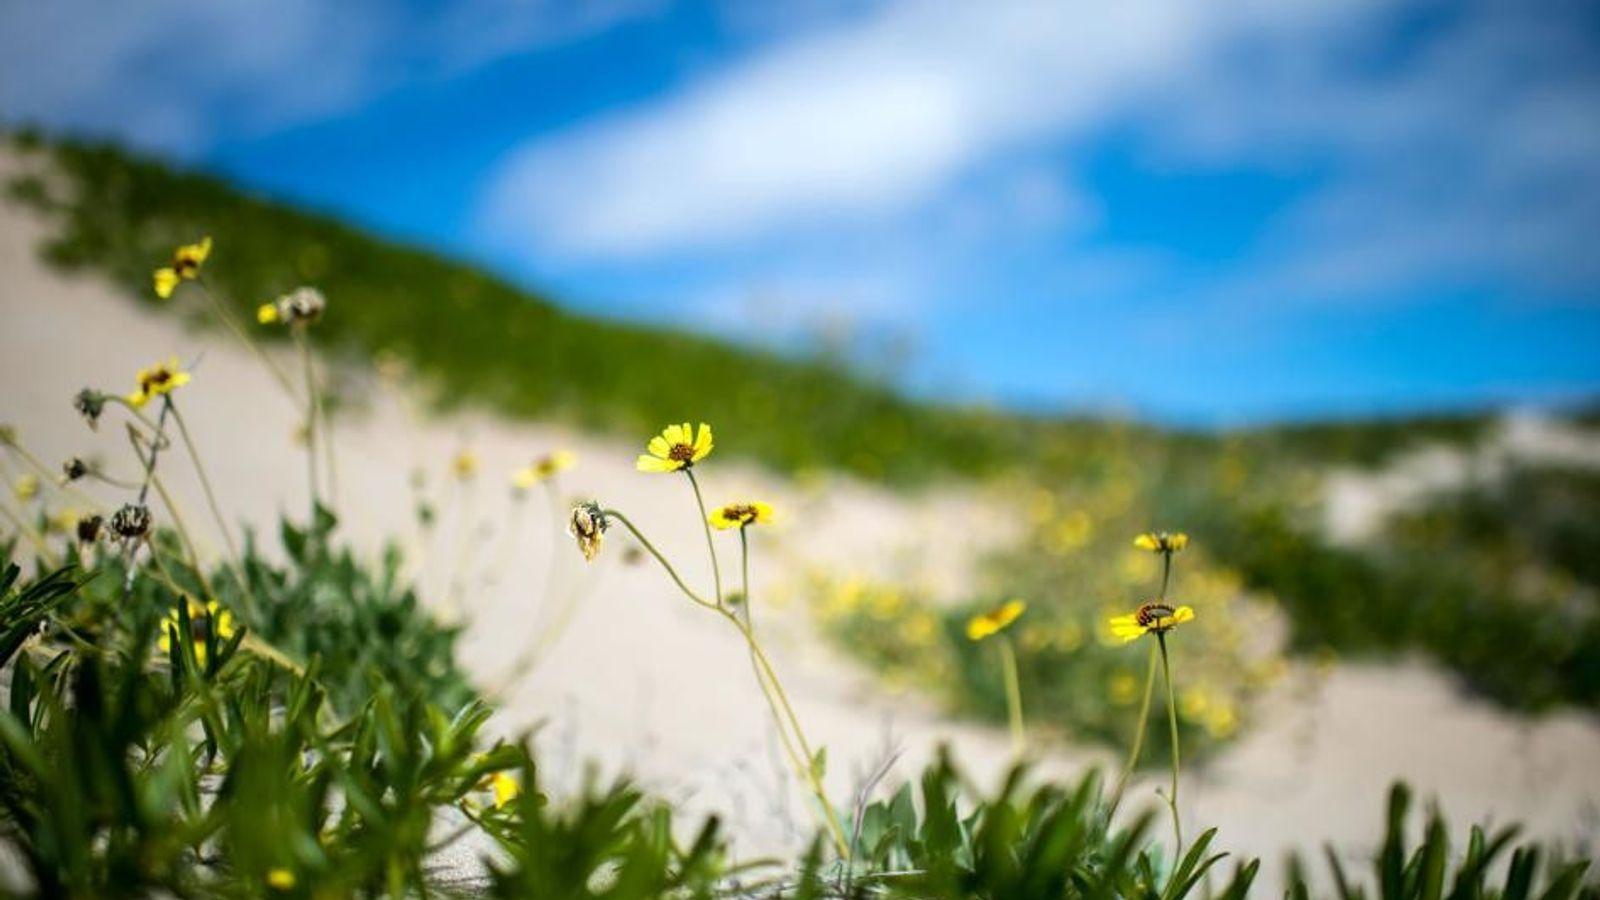 Im August 2017 blühen während einer seltenen Feuchtperiode Blumen in der chilenischen Atacama-Wüste.